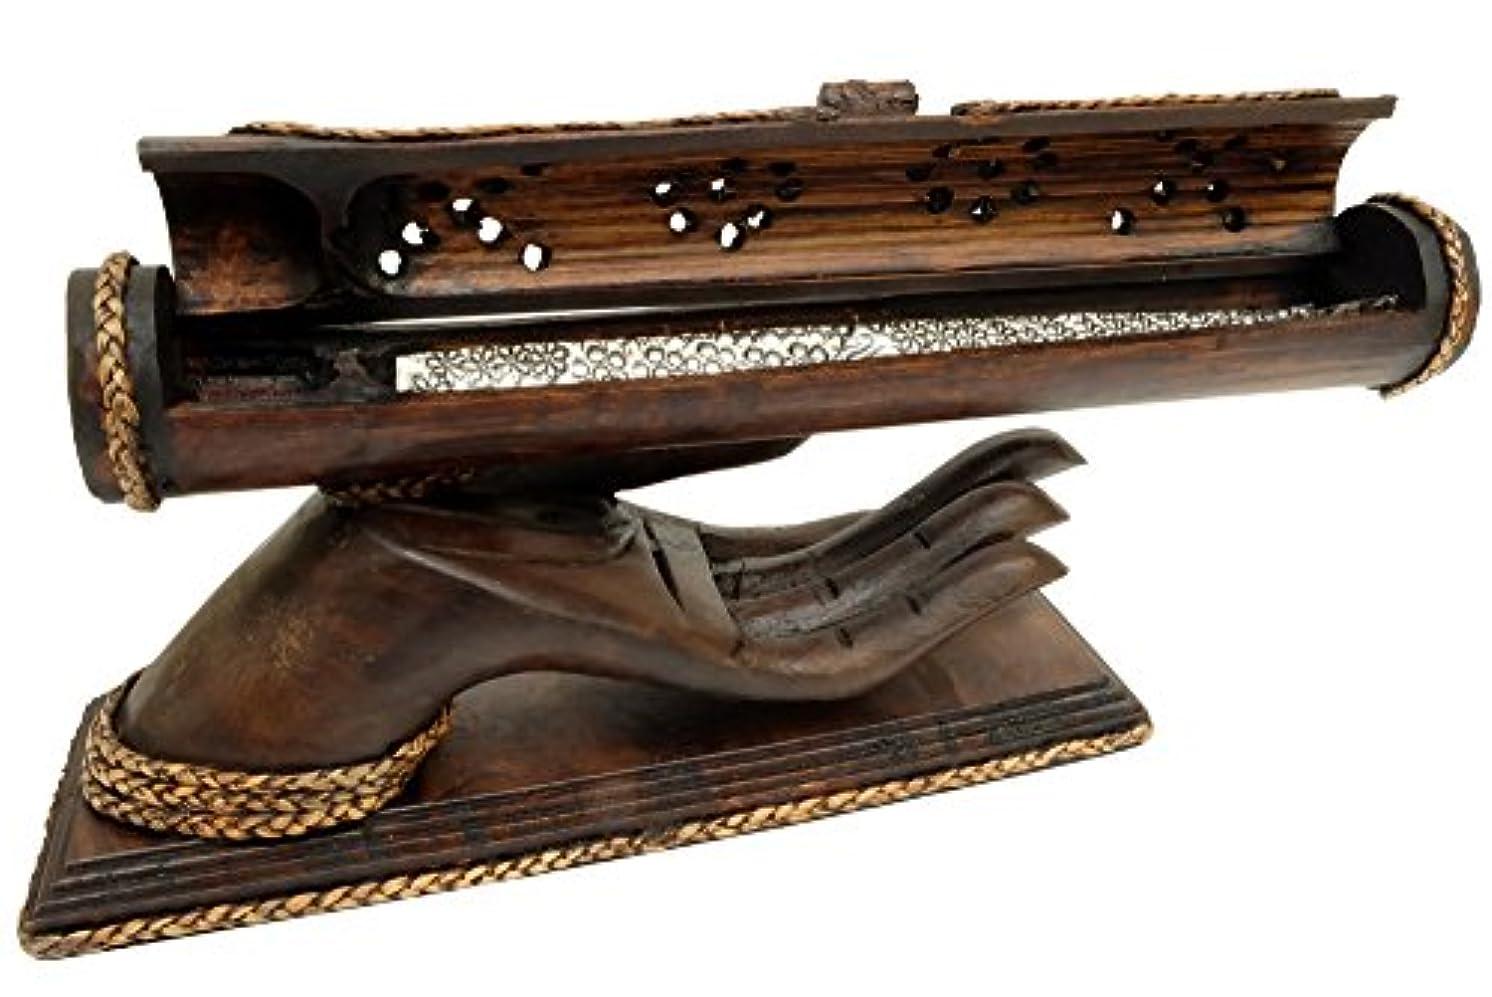 礼儀休戦プラスチックデザインby unseenthailand竹Trough木製ハンドメイドIncense Burner Ashキャッチャーwithチーク材手ホルダー。 ブラック